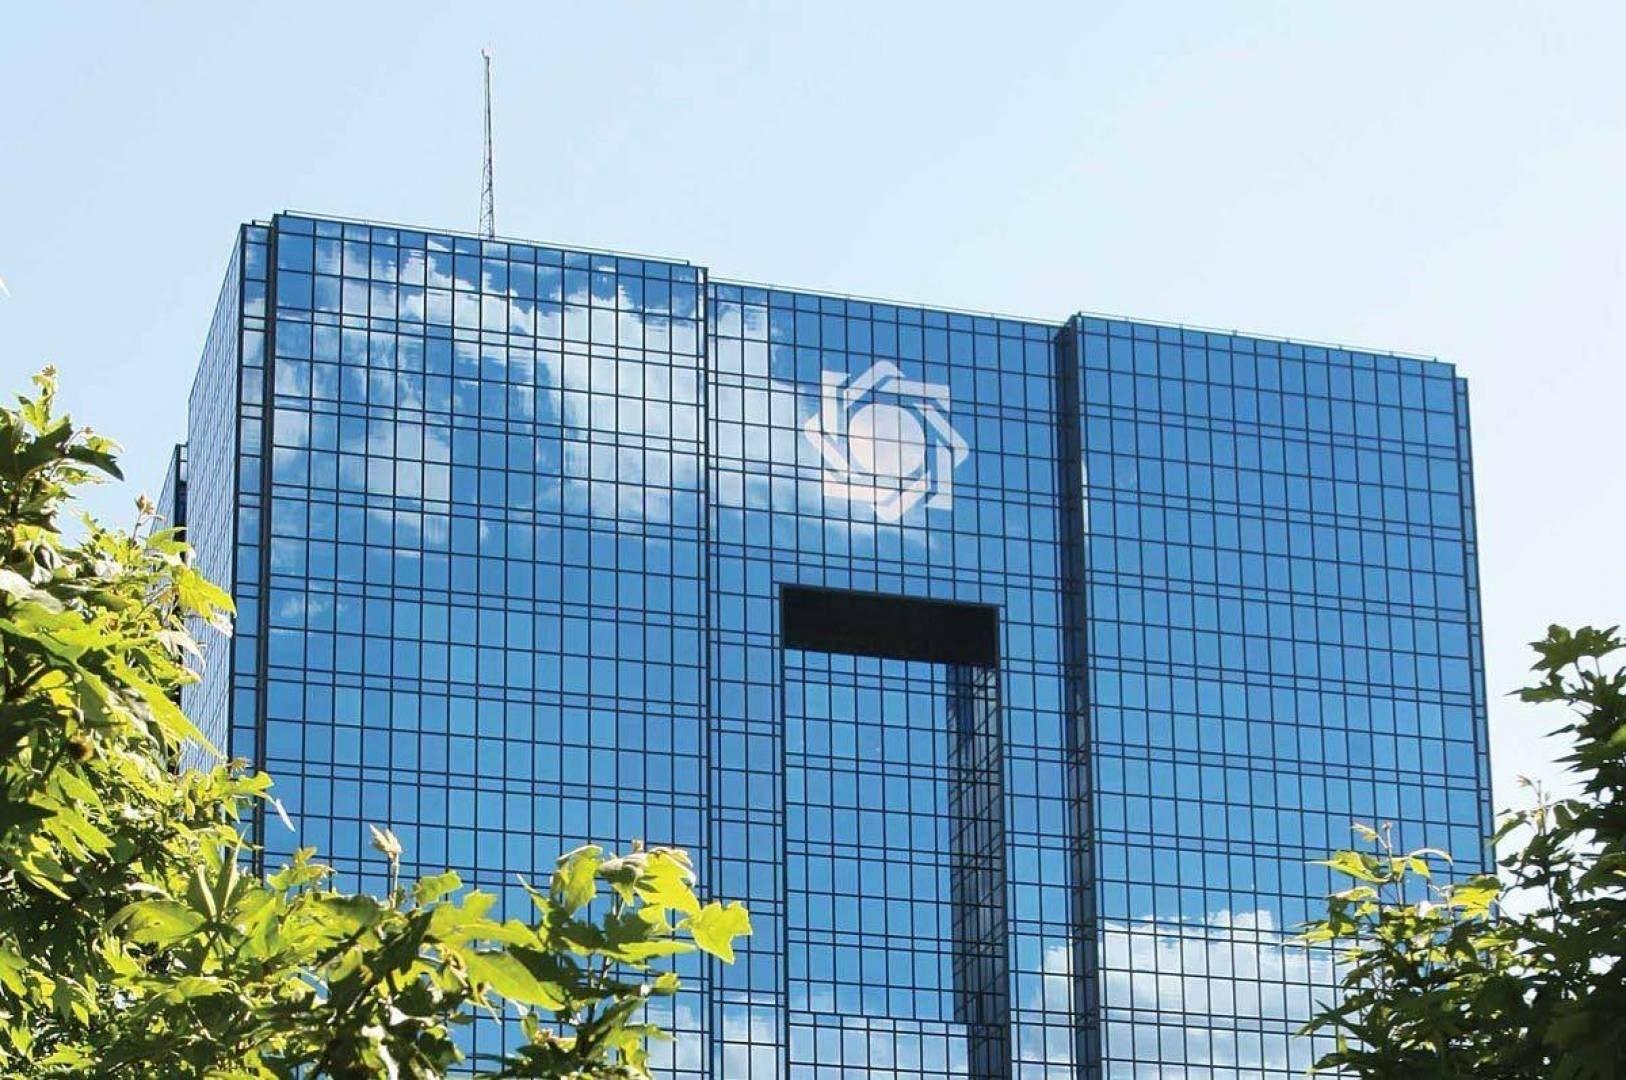 البنك المركزي الإيراني يعلن عن منح قروض ميسرة لـ23 مليون أسرة